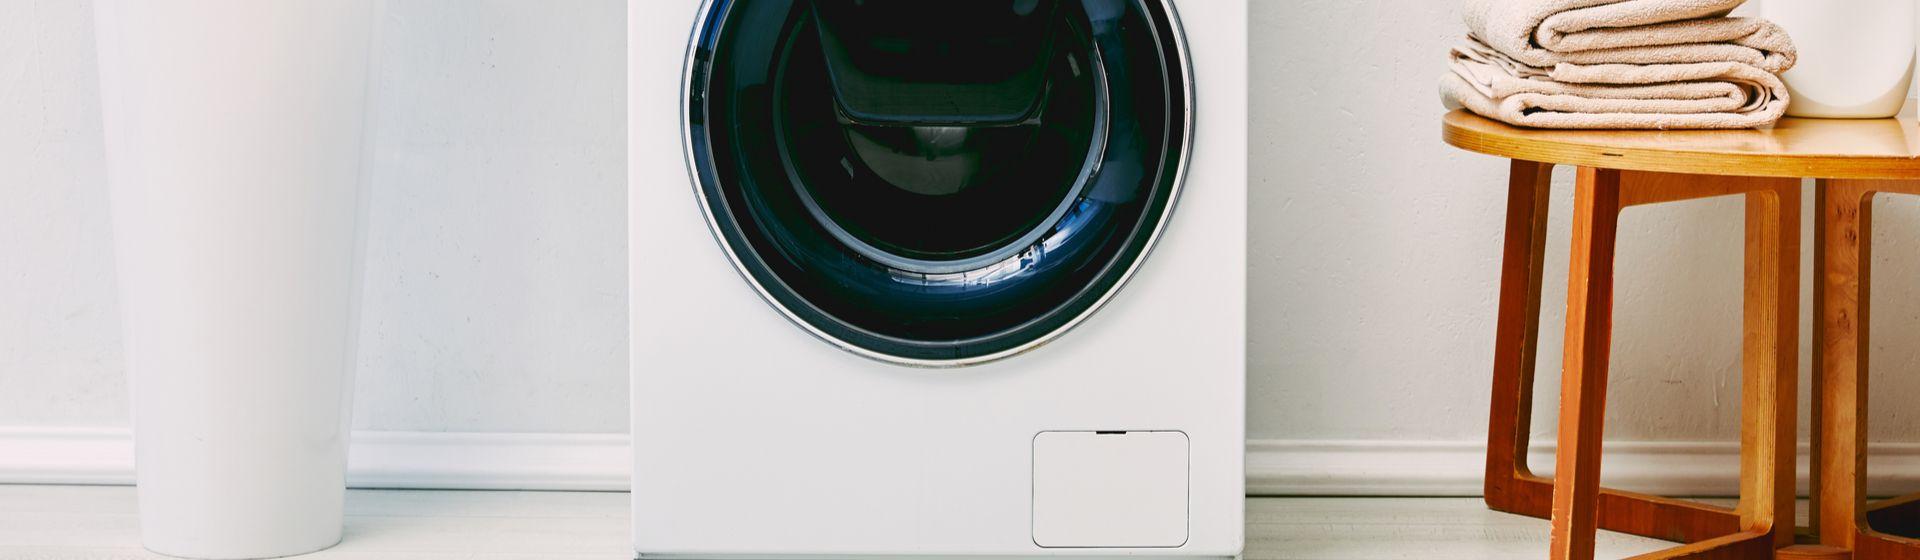 Lava e Seca LG Vivace é boa? Confira a análise de ficha técnica dessa máquina de lavar e secar roupa